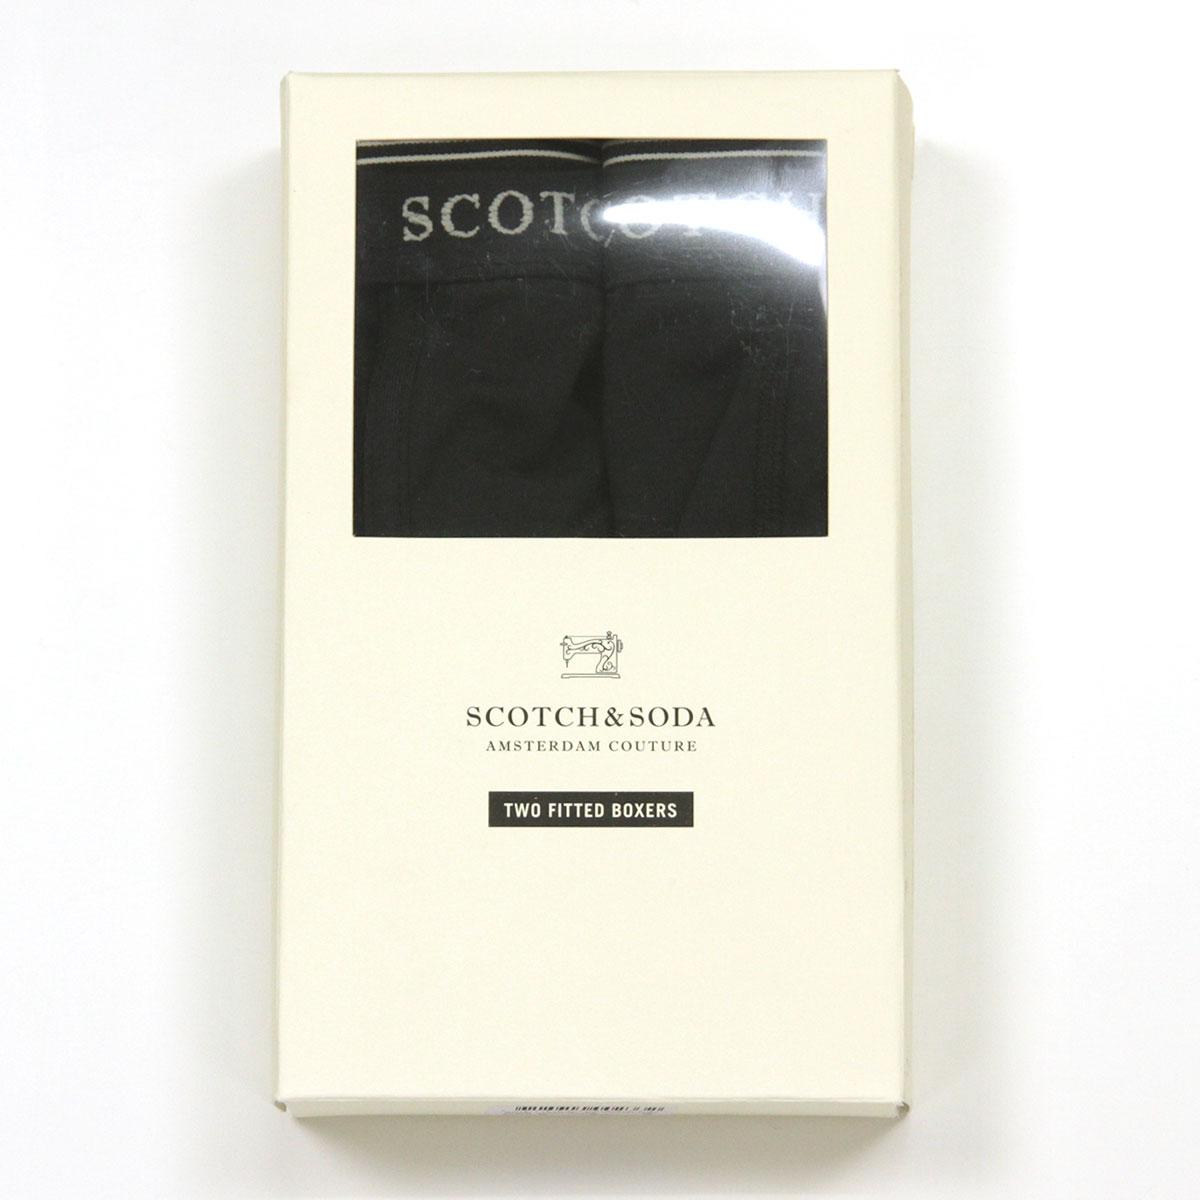 スコッチアンドソーダ SCOTCH&SODA 正規販売店 メンズ アンダーウェア ボクサーパンツ 2枚組 BASIC NOS 2-PACK CLASSIC BOXER SHORTS 124904 08 D A39B B1C C7D D2E E13F